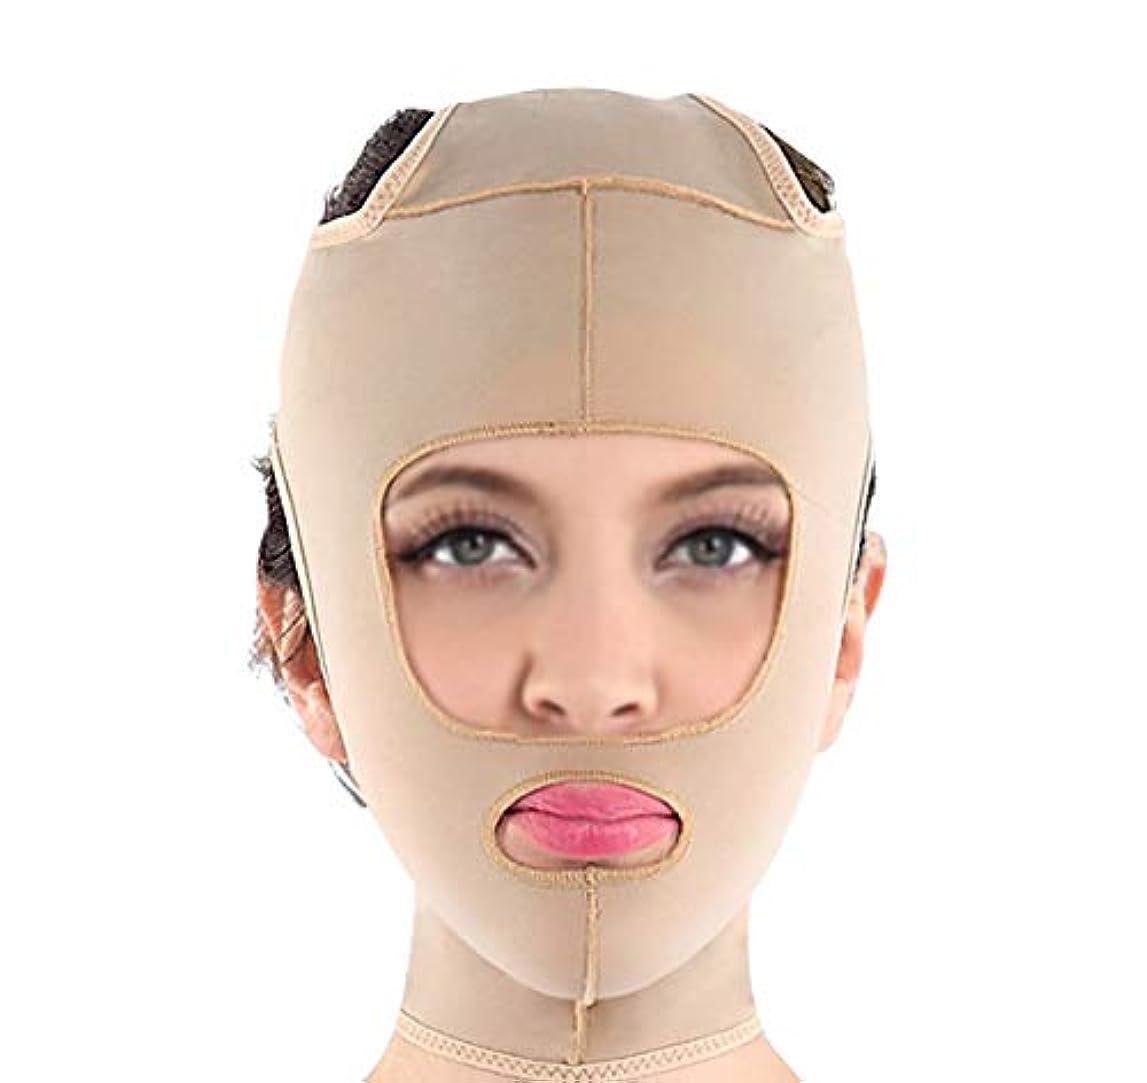 許可する早いアノイ包帯vフェイス楽器フェイスマスクマジックフェイスフェイシャルファーミングフェイシャルマッサージフェイシャルリンクルリフティング引き締めプラスチックマスク (Size : S)